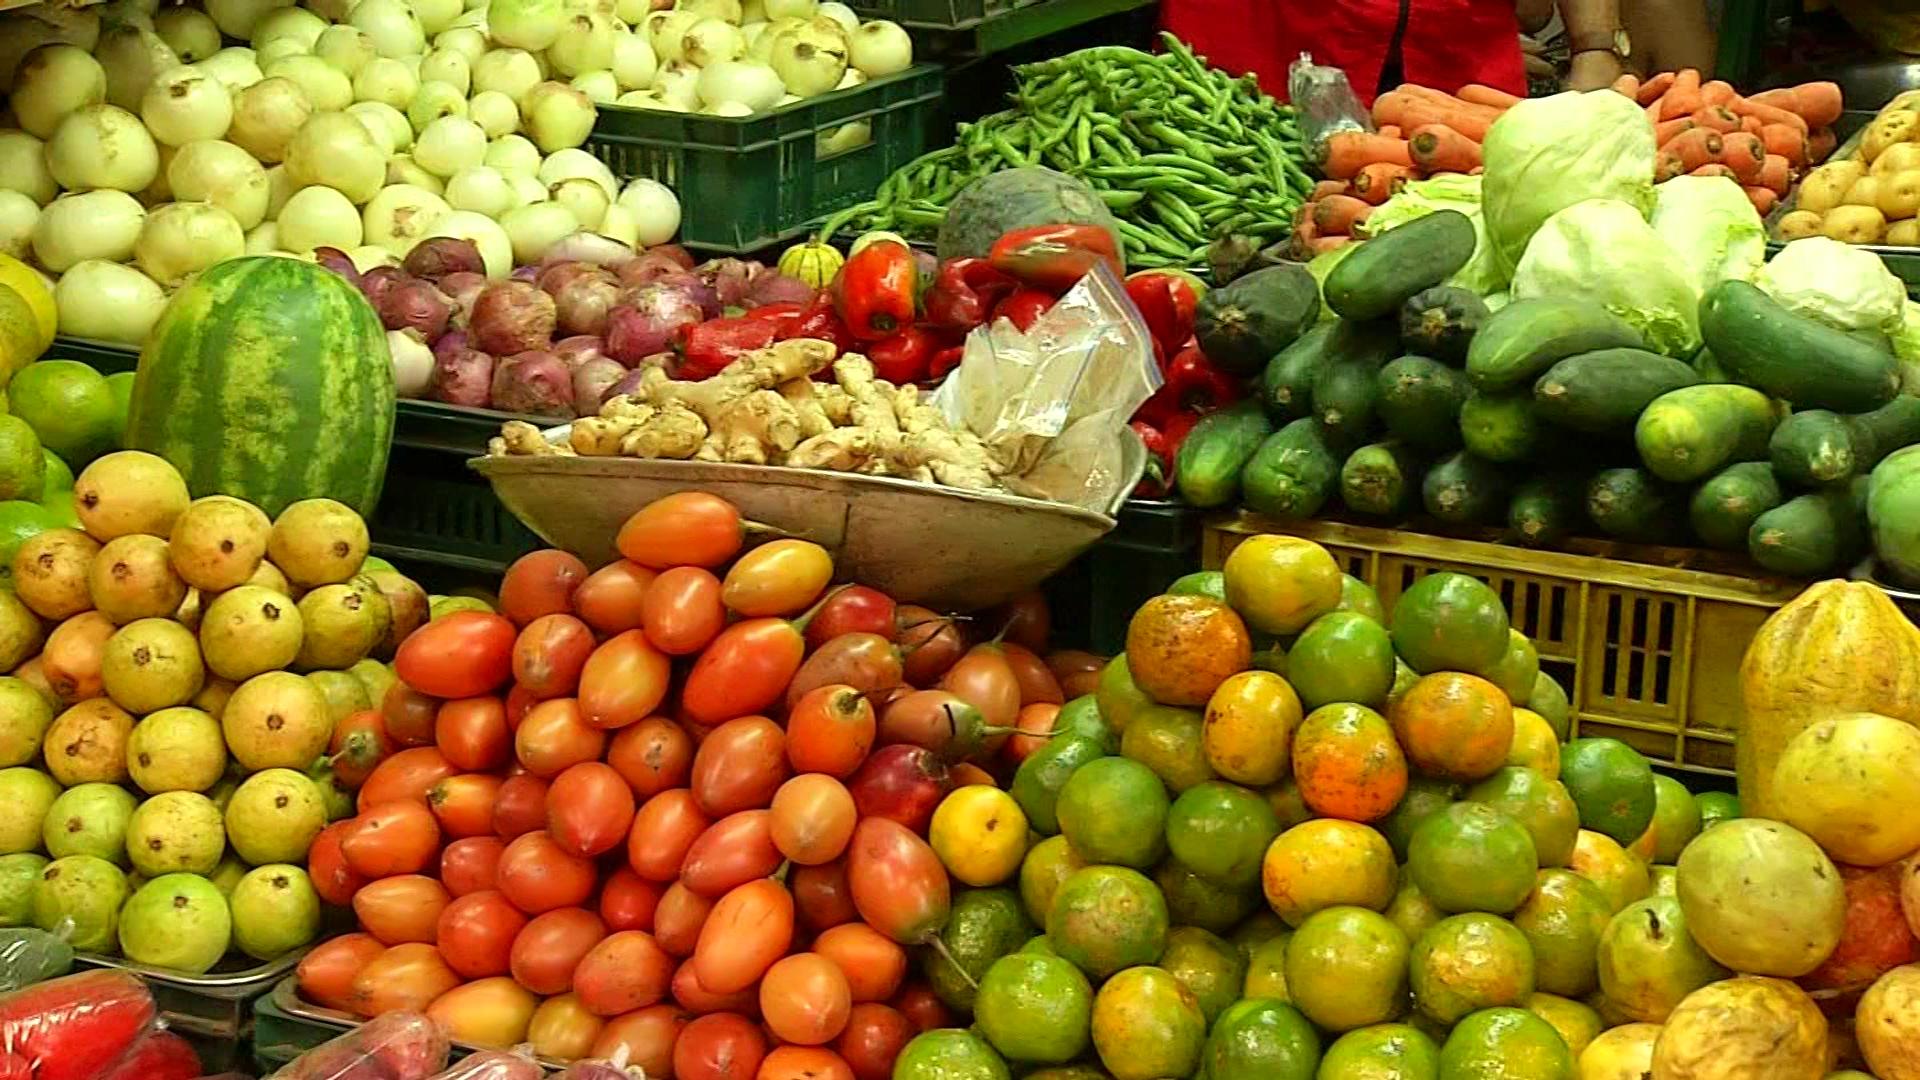 Inestabilidad de precios de alimentos